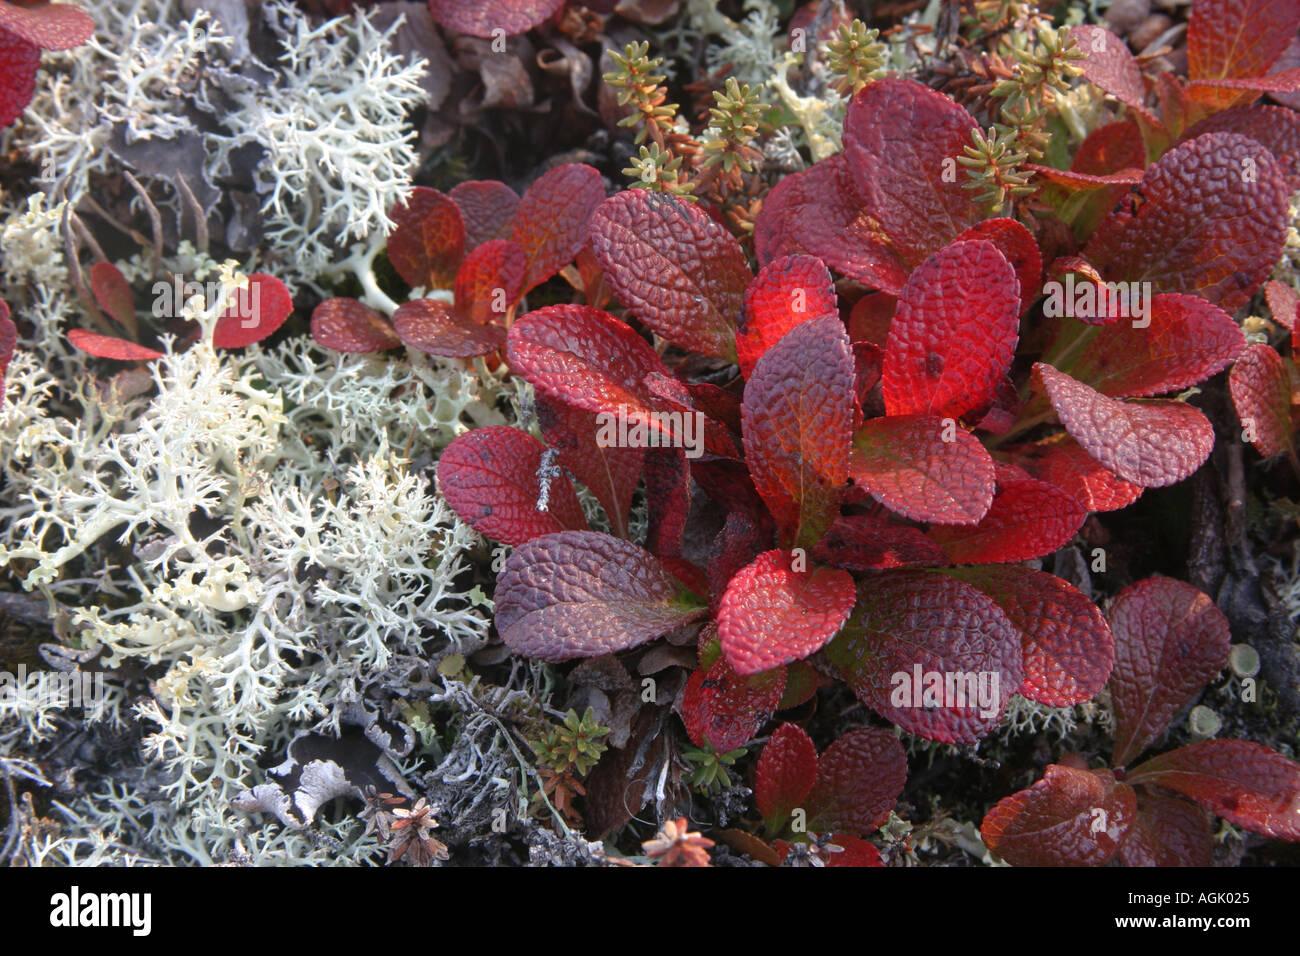 fall color of the ground shrubs Denali National Park Alaska USA ...